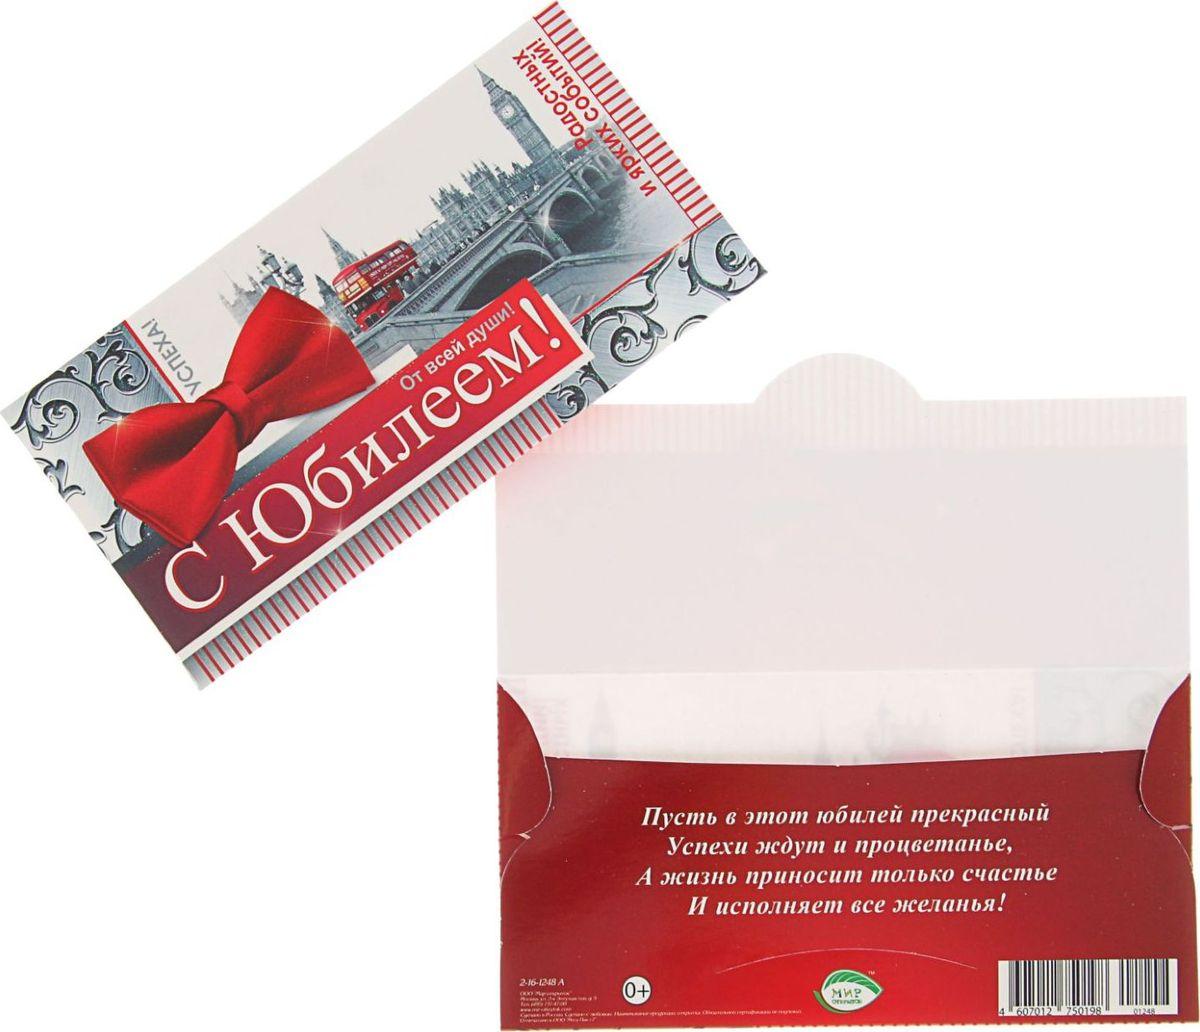 Конверт для денег Мир открыток С Юбилеем! Лондон, красная бабочка, белый фон, 16,4 х 8,4 см2252343Невозможно представить нашу жизнь без праздников! Мы всегда ждём их и предвкушаем, обдумываем, как проведём памятный день, тщательно выбираем подарки и аксессуары, ведь именно они создают и поддерживают торжественный настрой. Этот конверт - отличный выбор, который привнесёт атмосферу праздника в ваш дом!